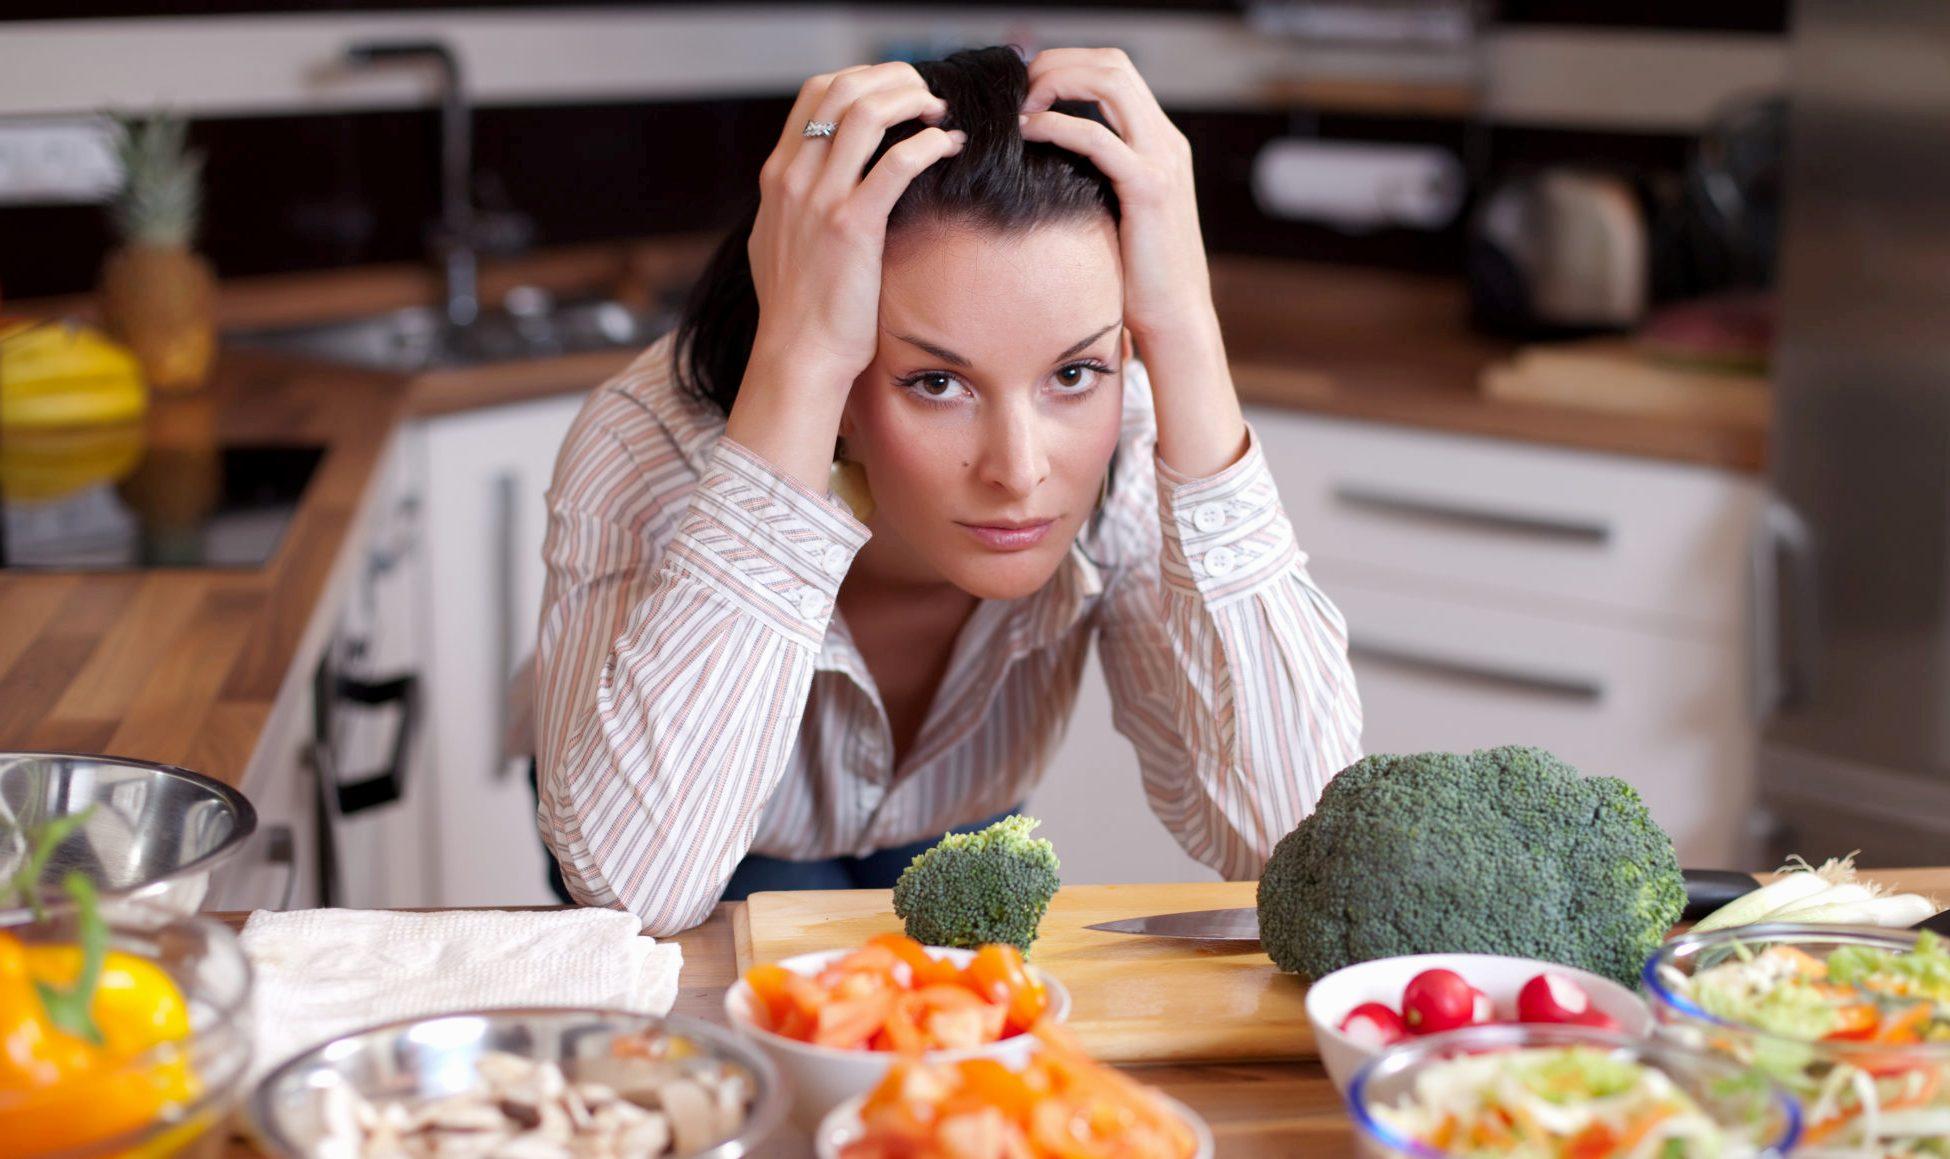 Какие Диеты Бывают И Как Их Соблюдать. 10 эффективных диет для быстрого похудения: времени нет, а выбор — есть!